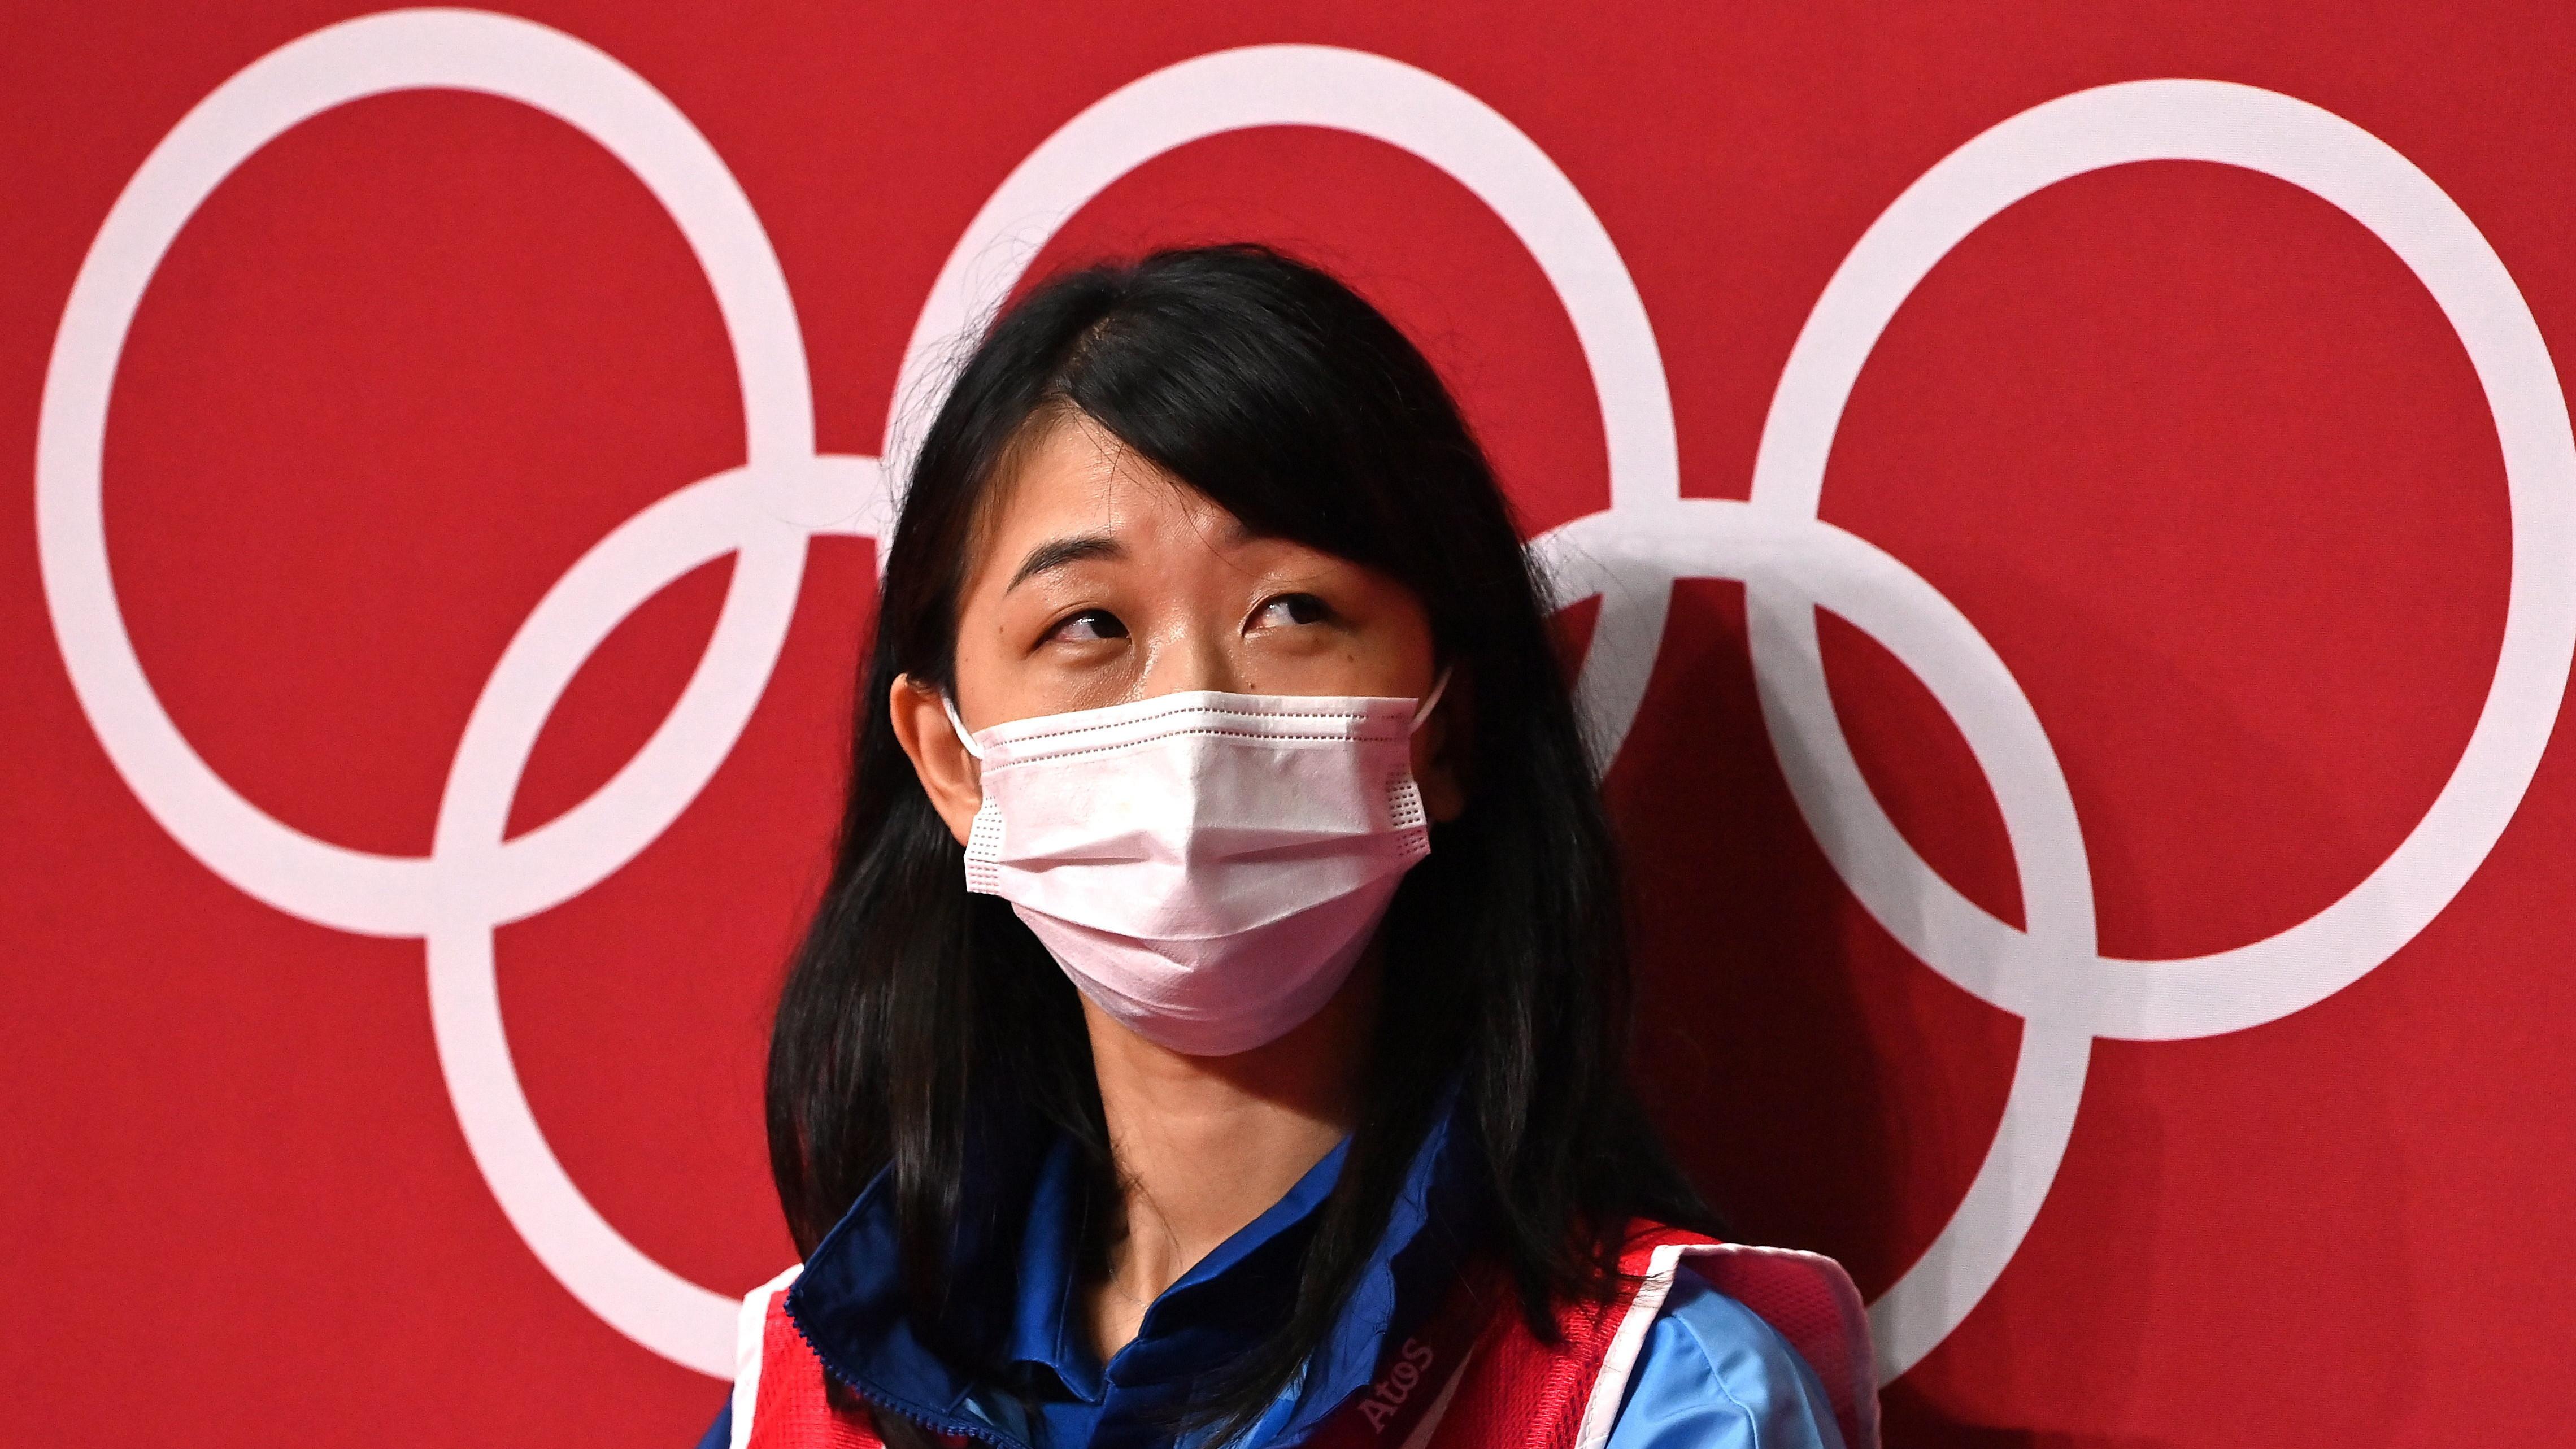 Japán nem lakott jól ezzel az olimpiával - irány 2030?